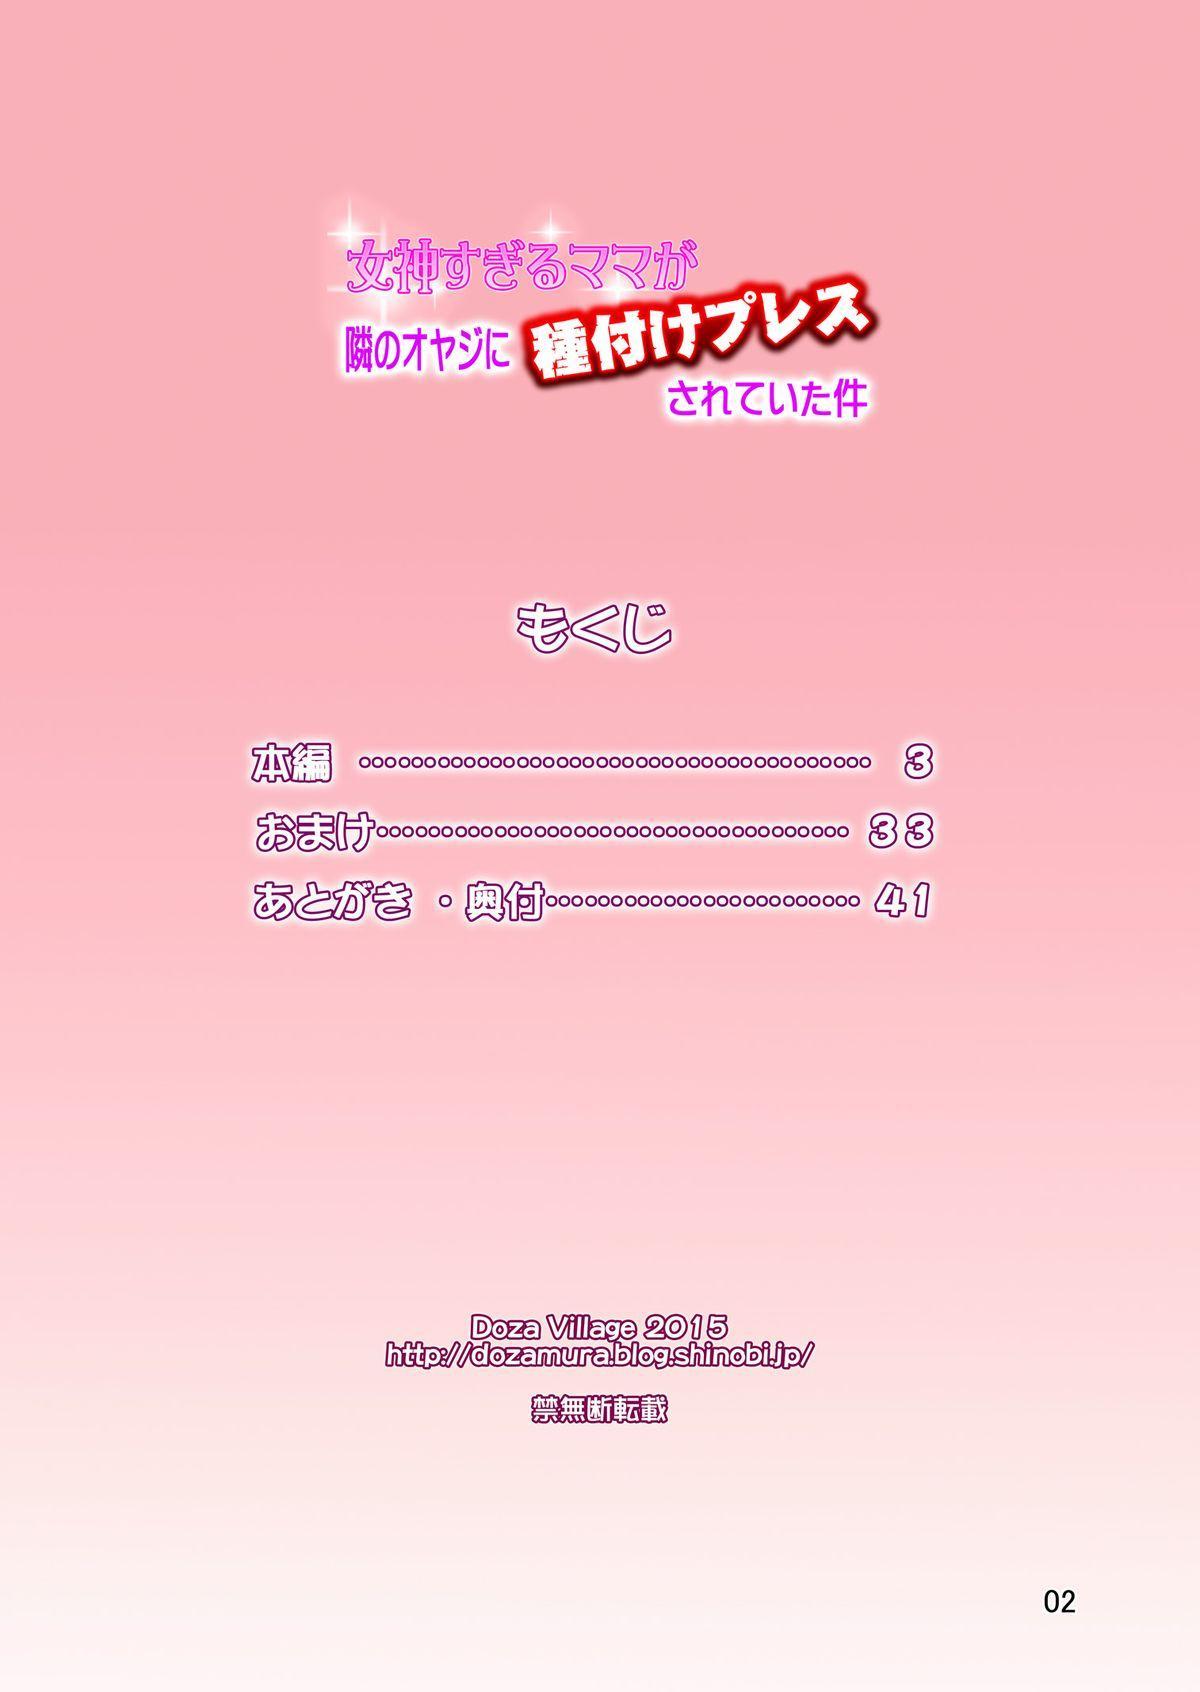 Megami Sugiru Mama ga Tonari no Oyaji ni Tanetsuke Press Sareteita Ken | Mama Was Too Divine So Our Neighbor Did The Mating Press On Her 43